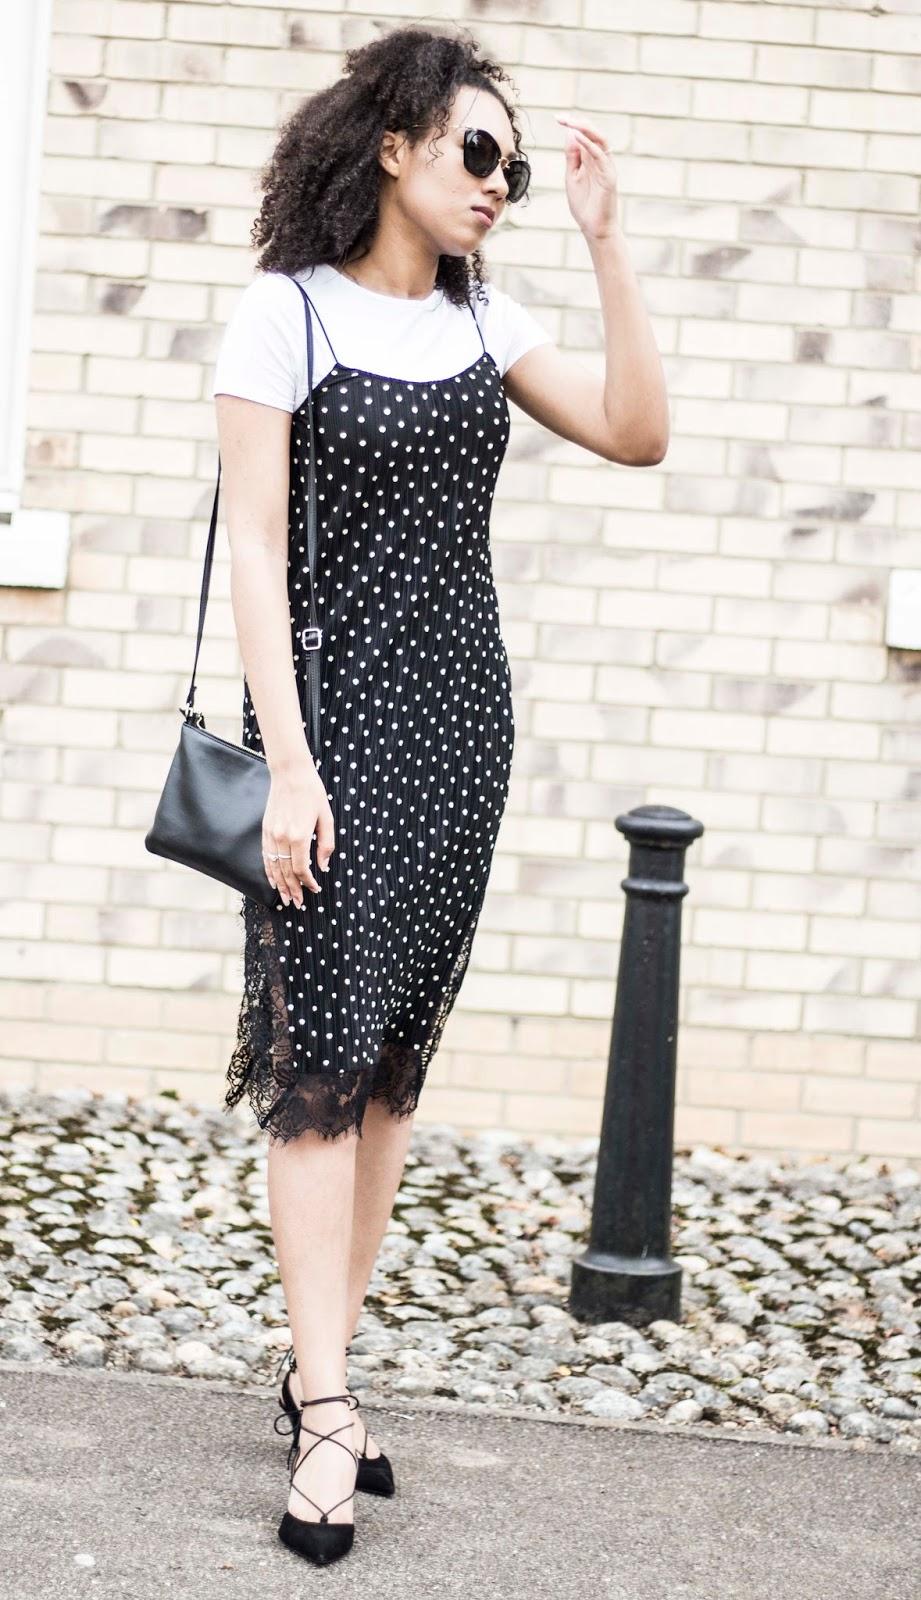 blogger style slip dress trend